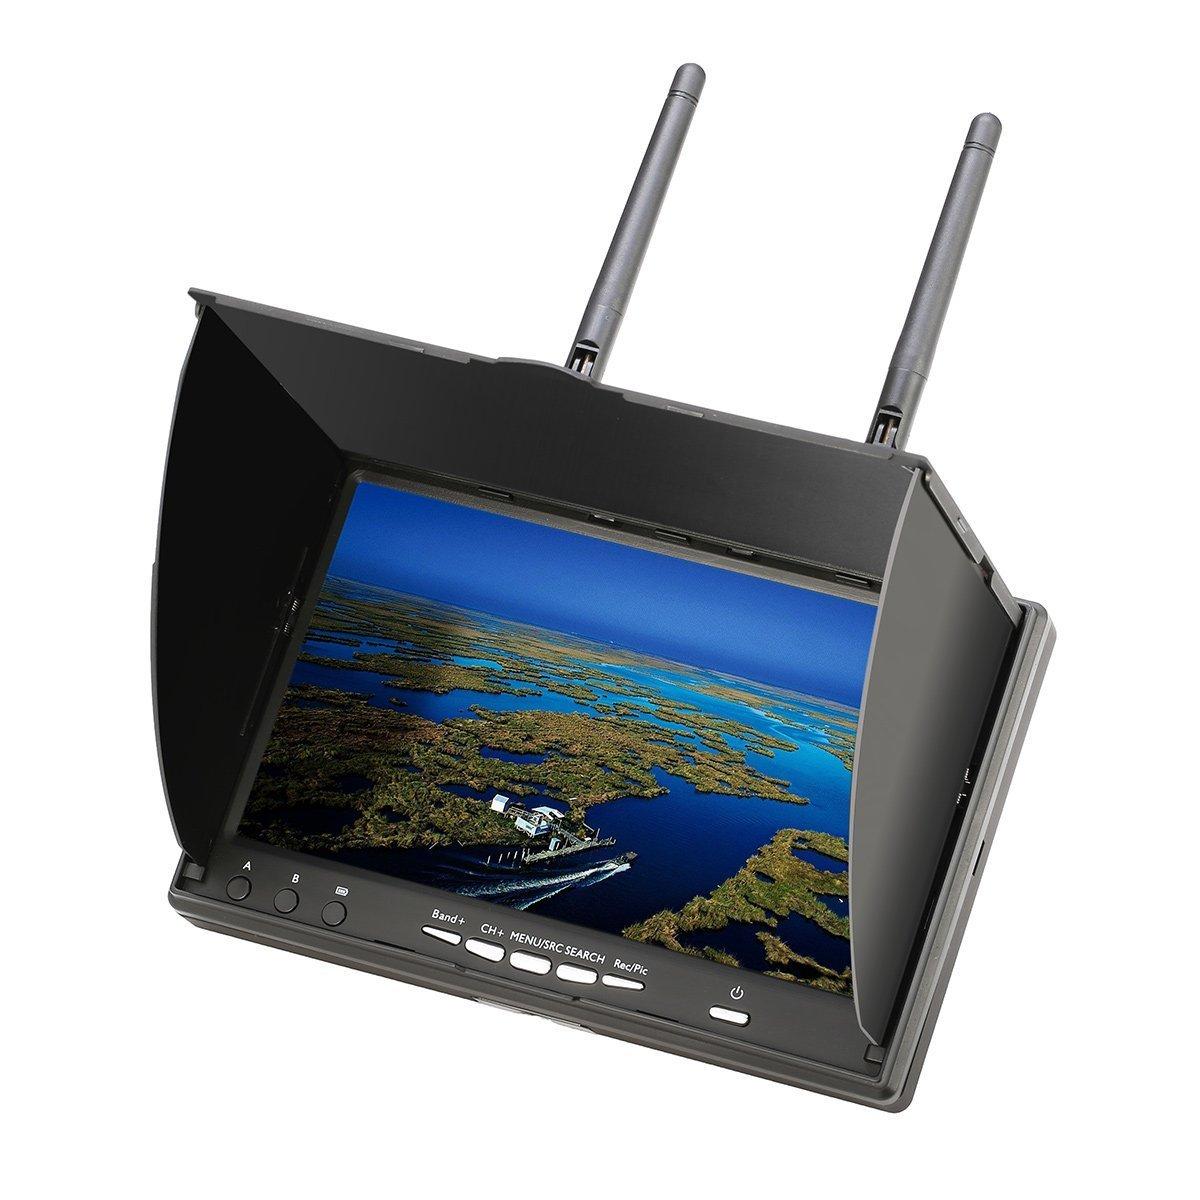 7インチFPVモニター DVR micSDカードで録画可能 バッテリー内蔵 40CH 5.8G デュアルレシーバー受信 PSEマーク電源アダプター付きTaiSeiTS TS219